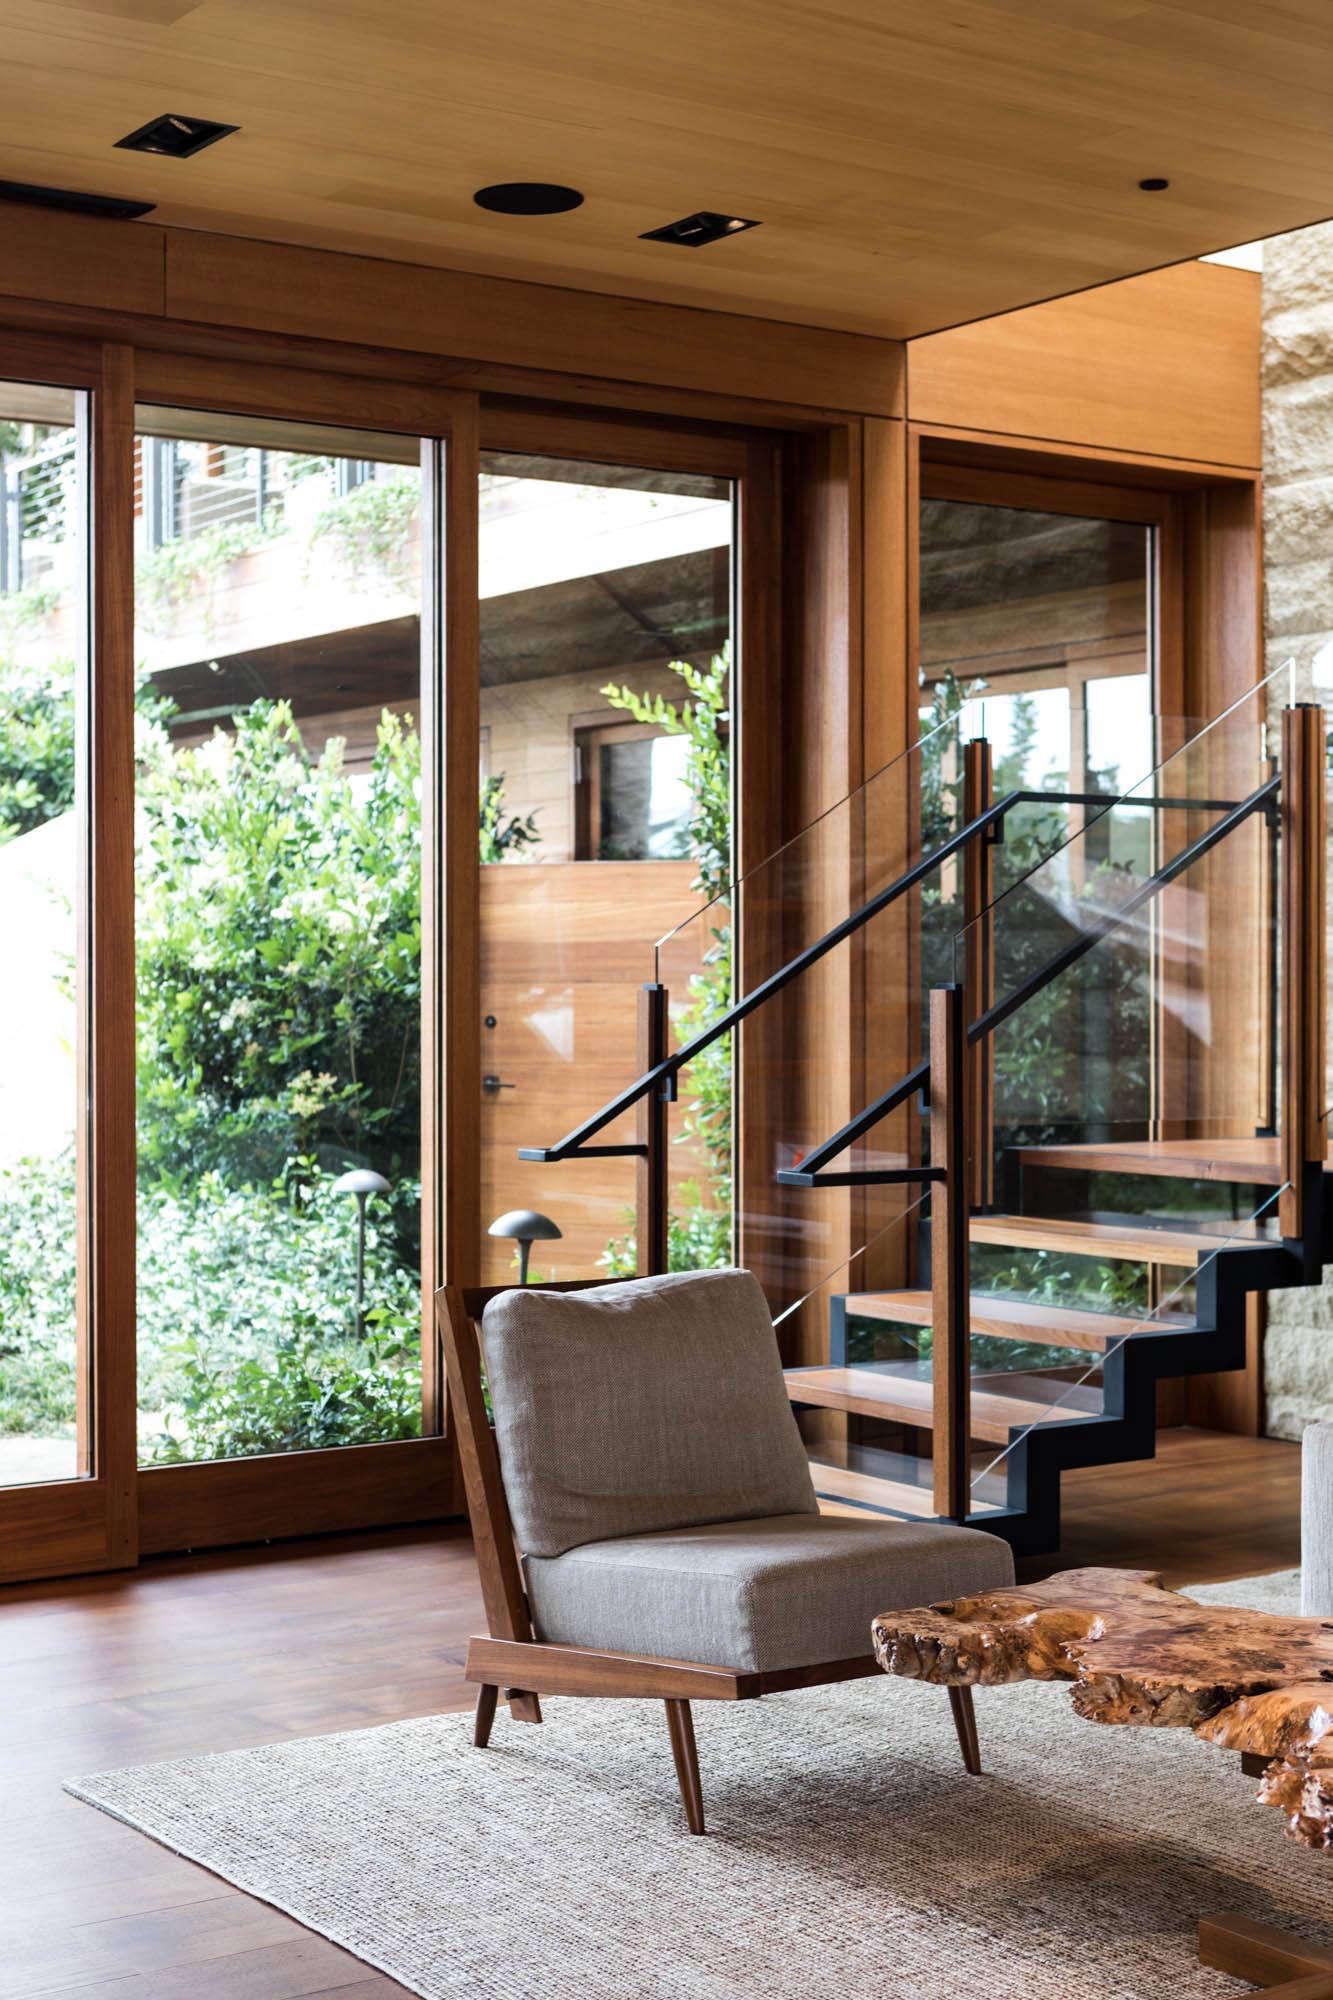 Hollywood Style Zen In Malibu Nobu Ryokan Guesthouse On